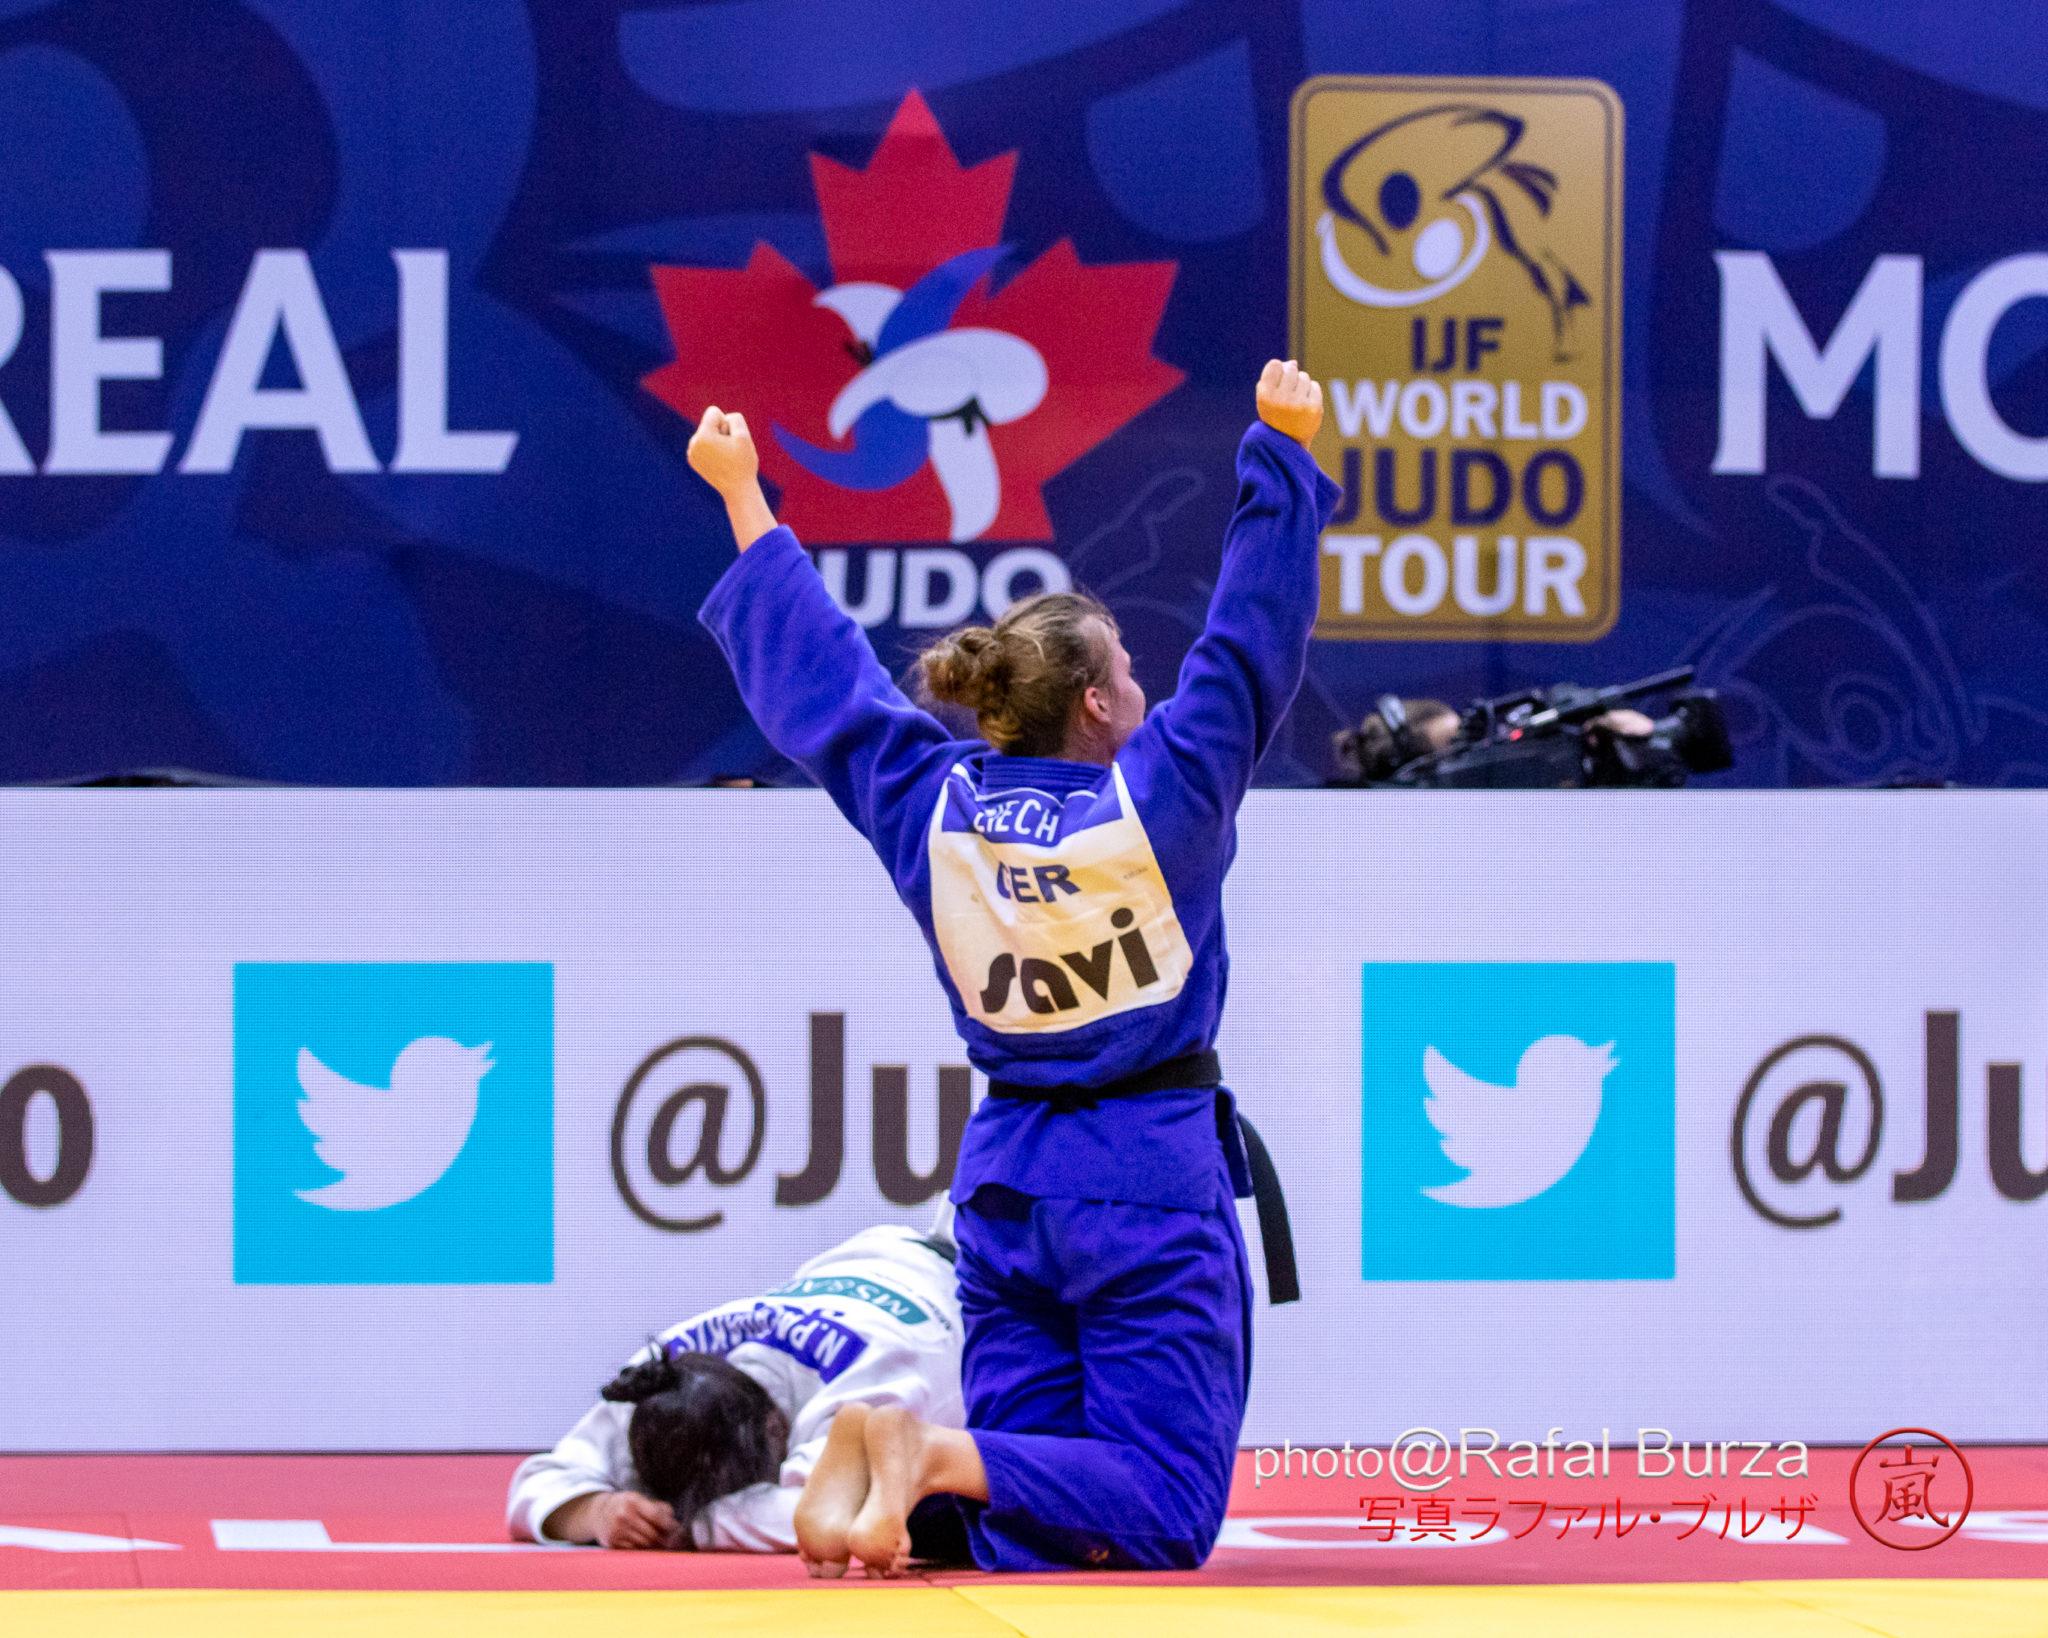 Judo World Tour in Canada